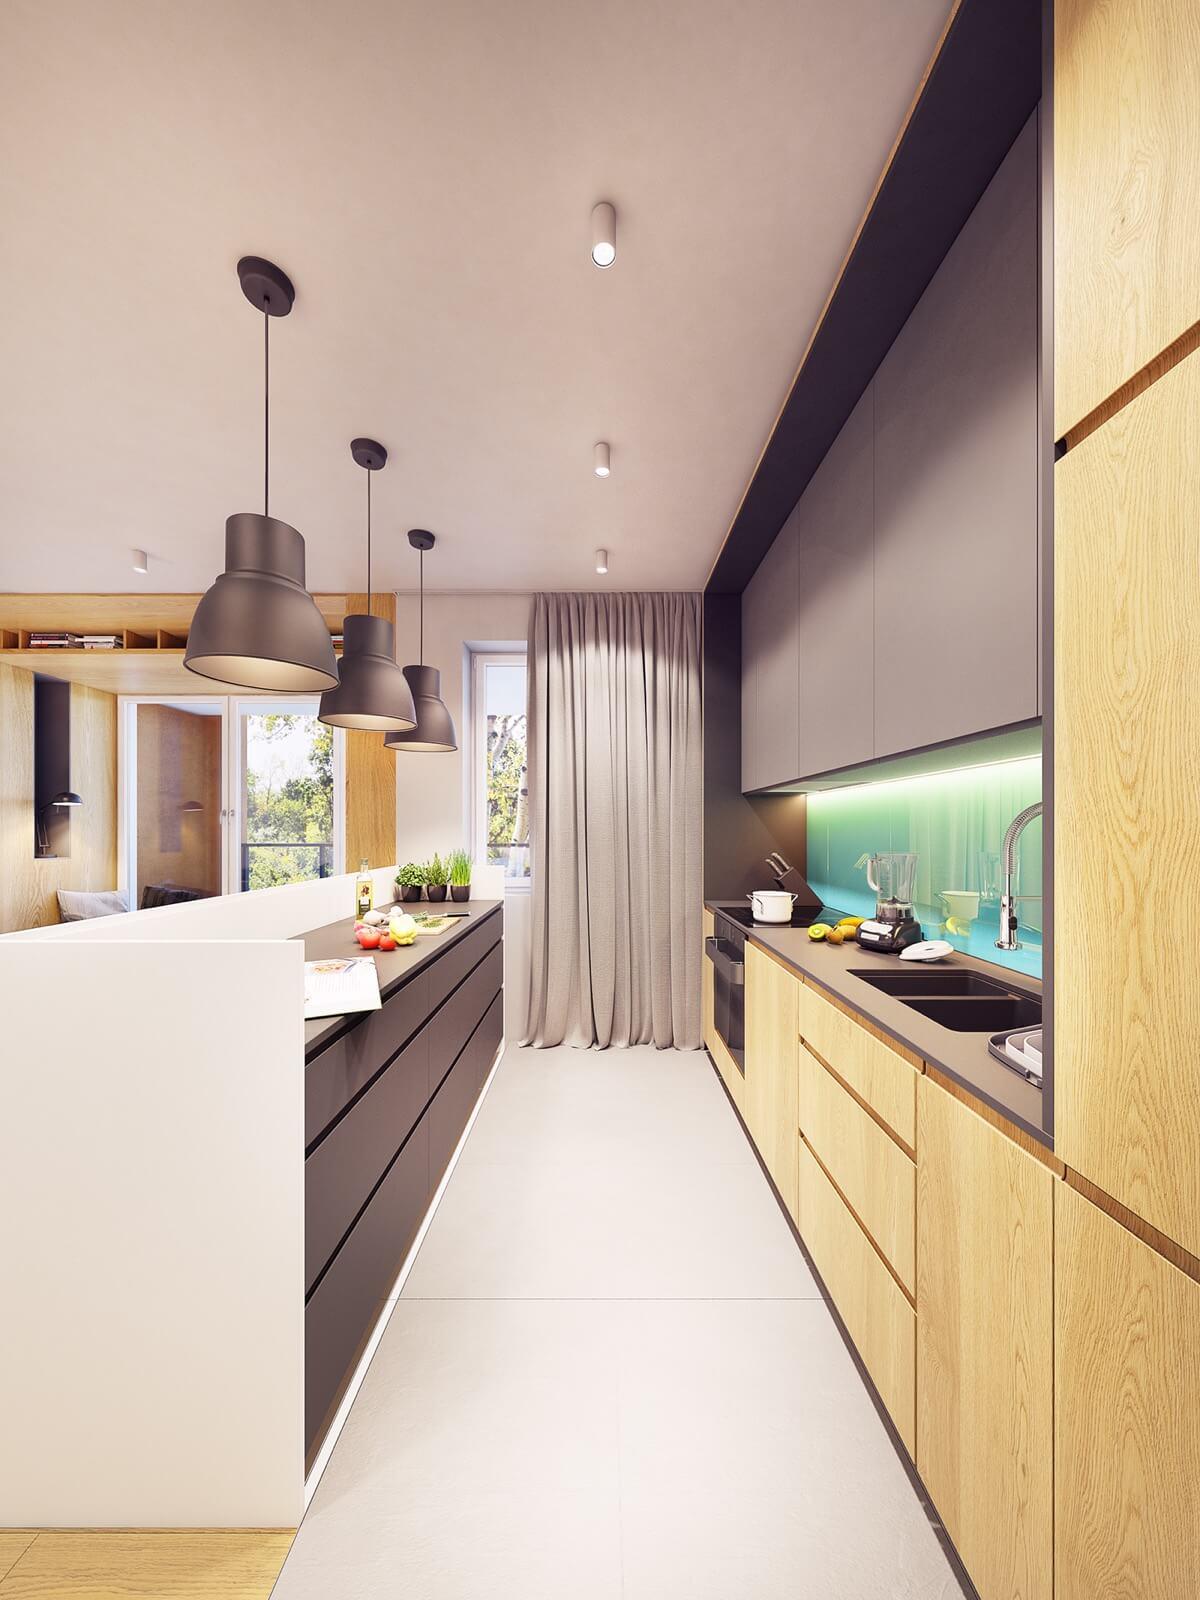 mẫu thiết kế nội thất chung cư 70m2 hiện đại sinh động 13